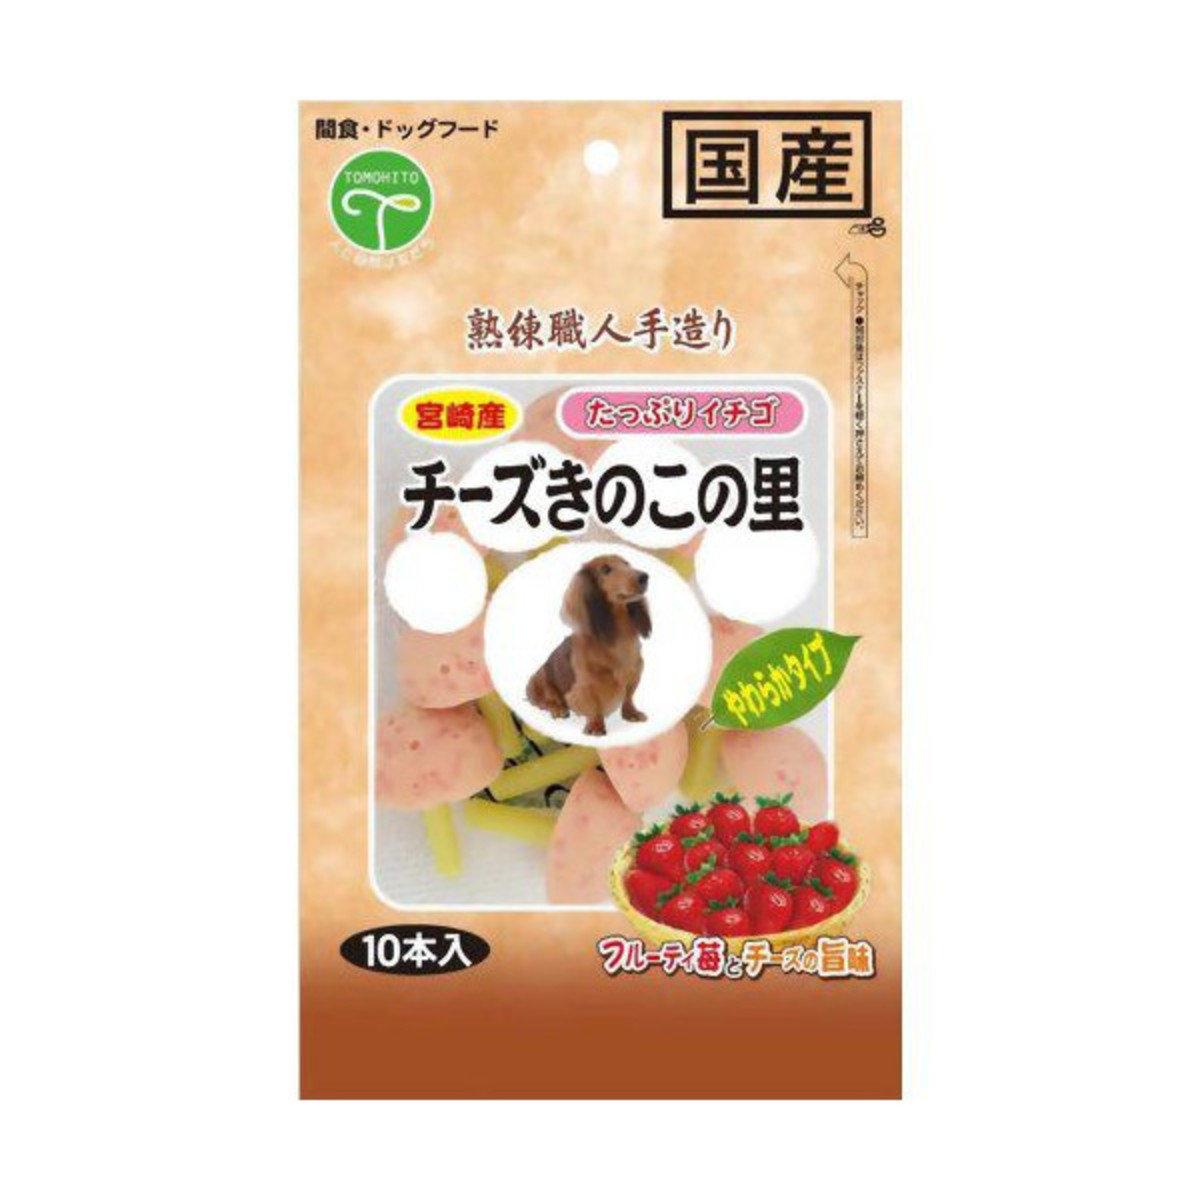 日本 TOMOHITO 草莓芝士珍寶棒 10本